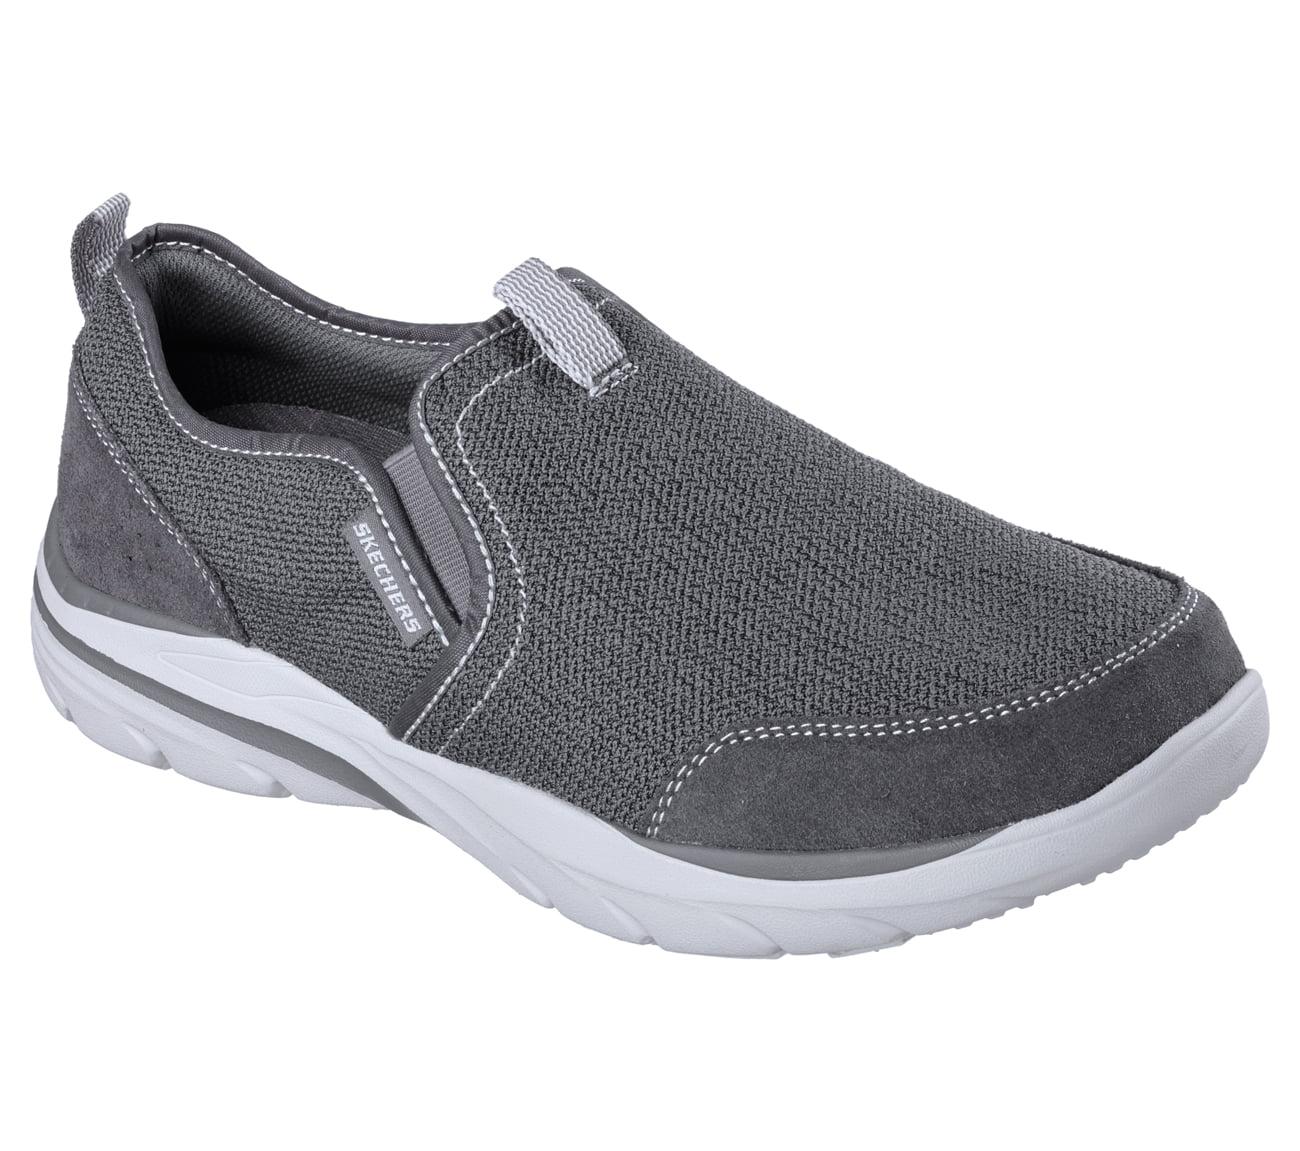 3136cb3e205c Skechers - Skechers 64807 CCGY Men s CORVEN-HORST Loafers ...